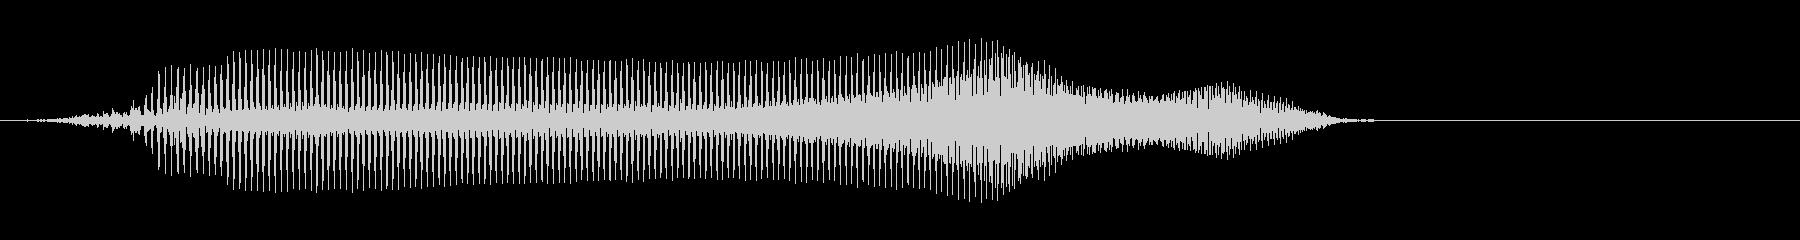 はーい!の未再生の波形